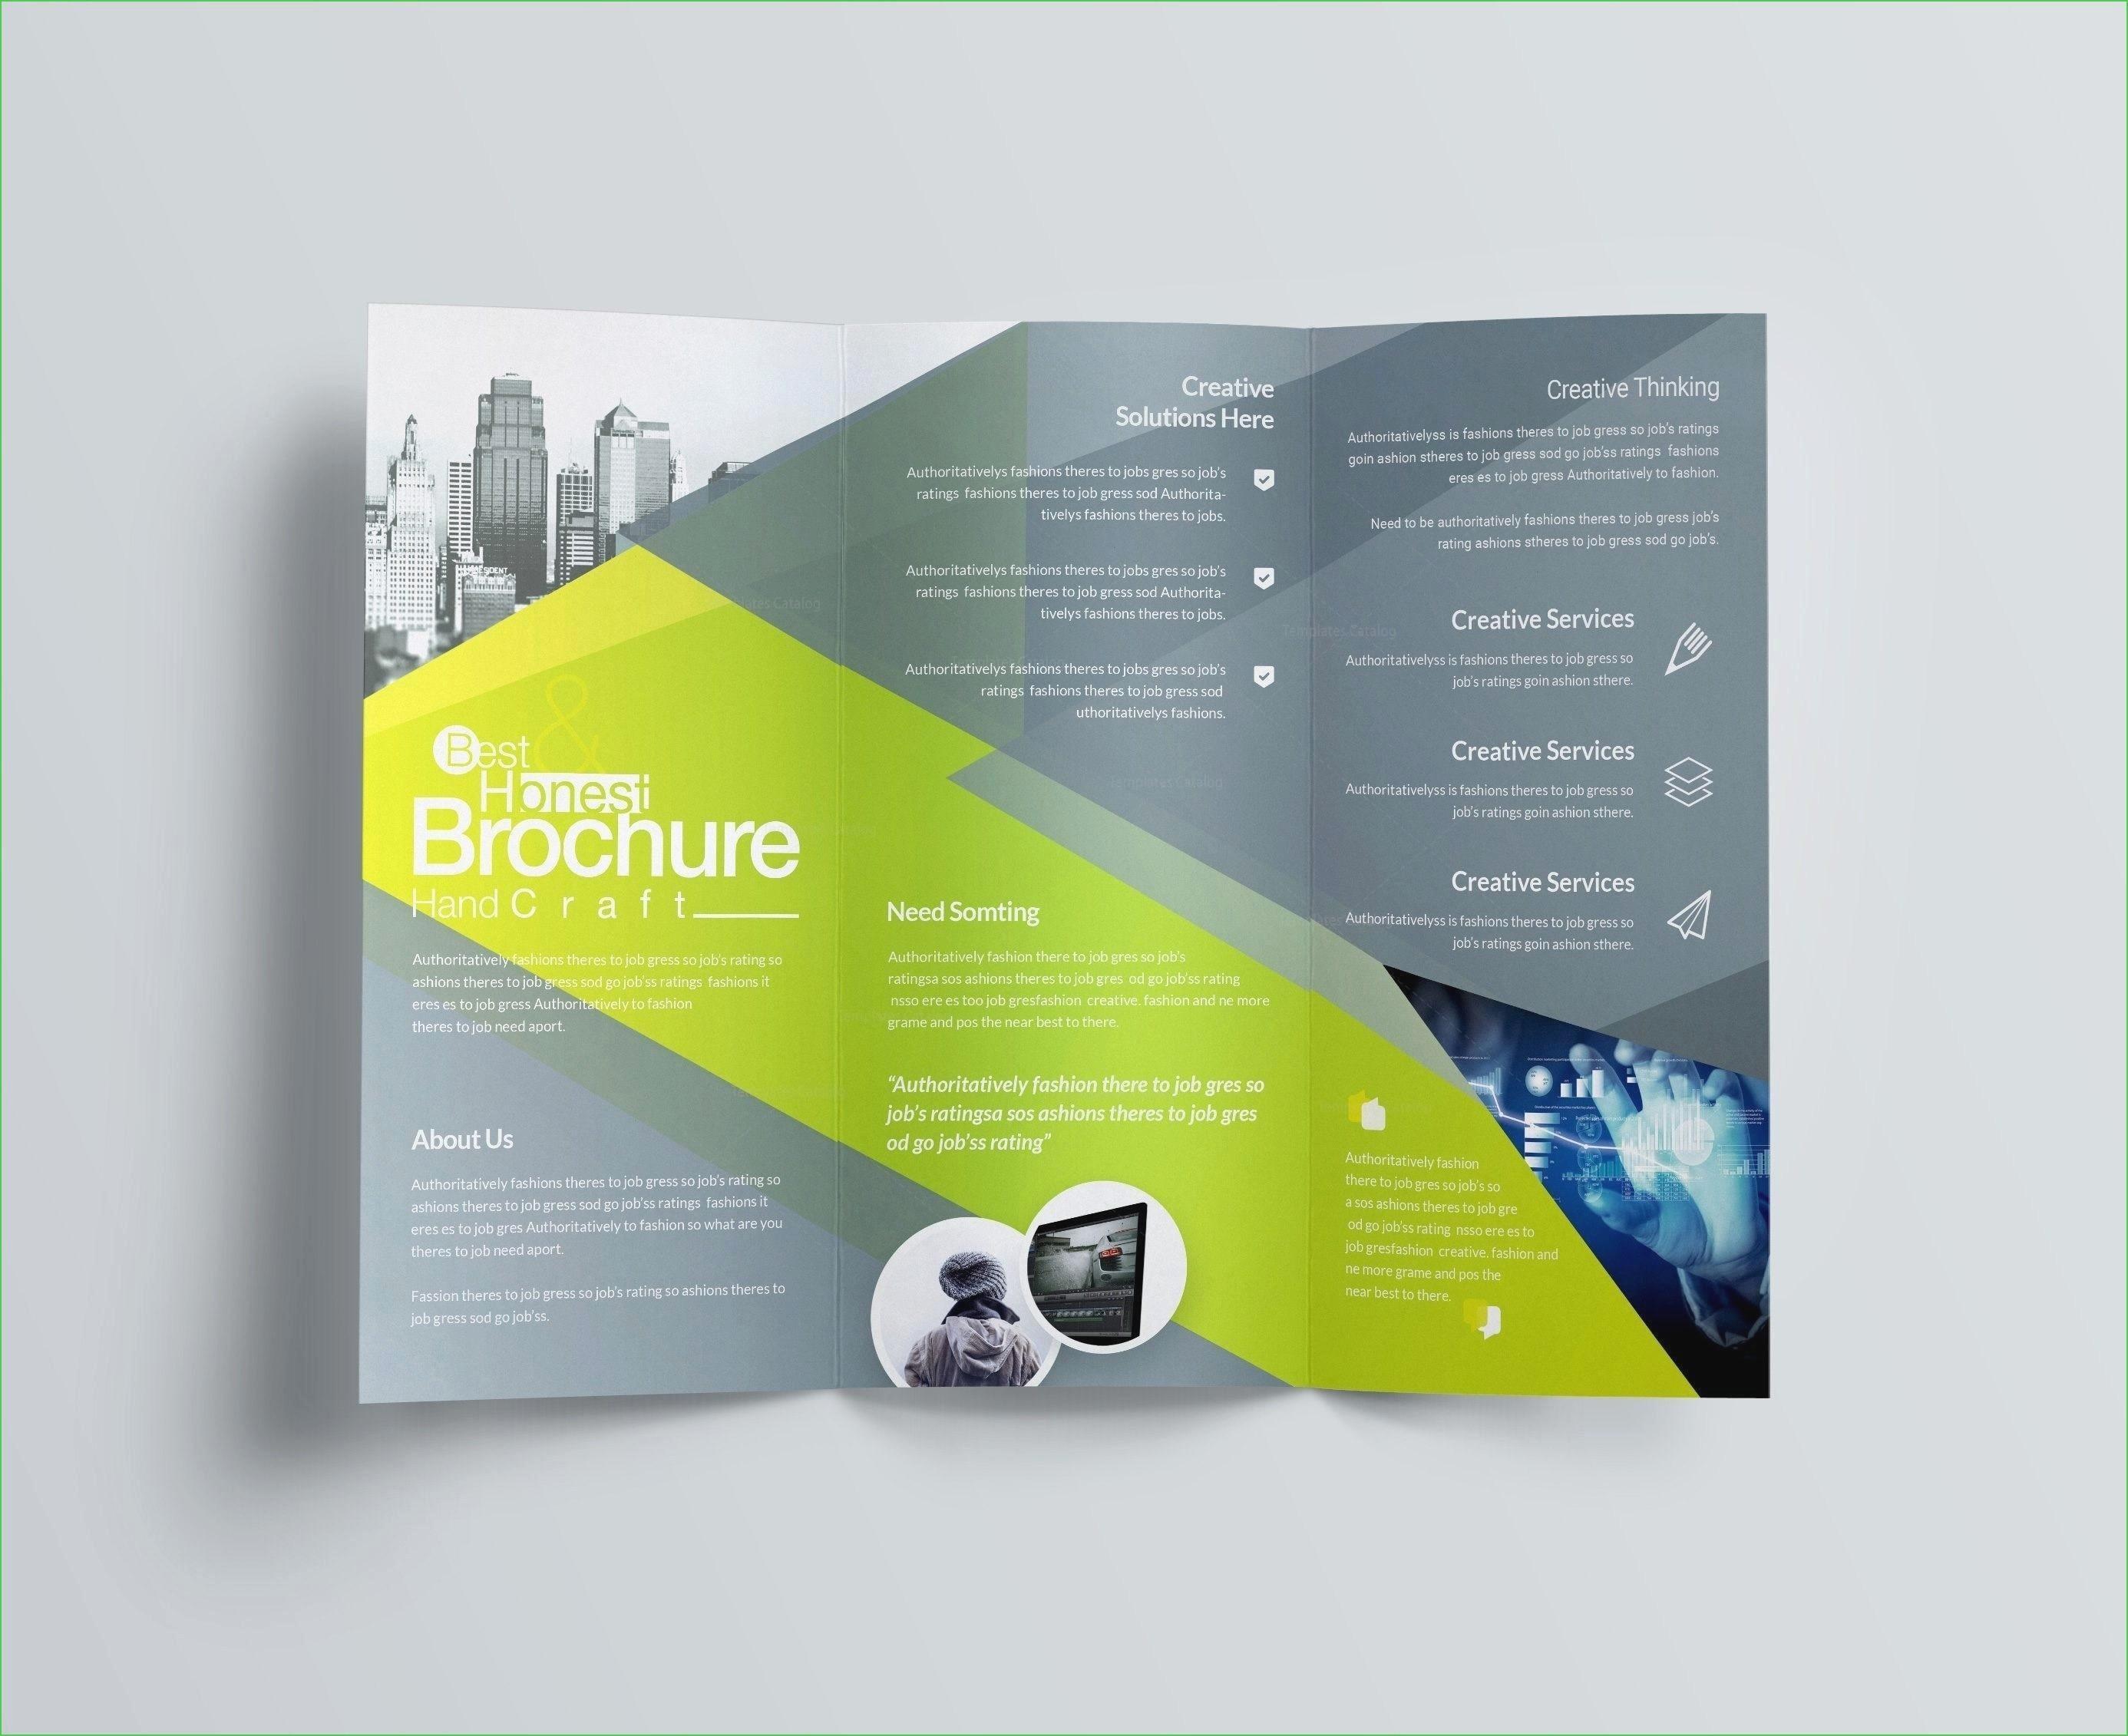 School Brochure Template Free Download Inspirational Patient Education Brochure Templates Inspirational